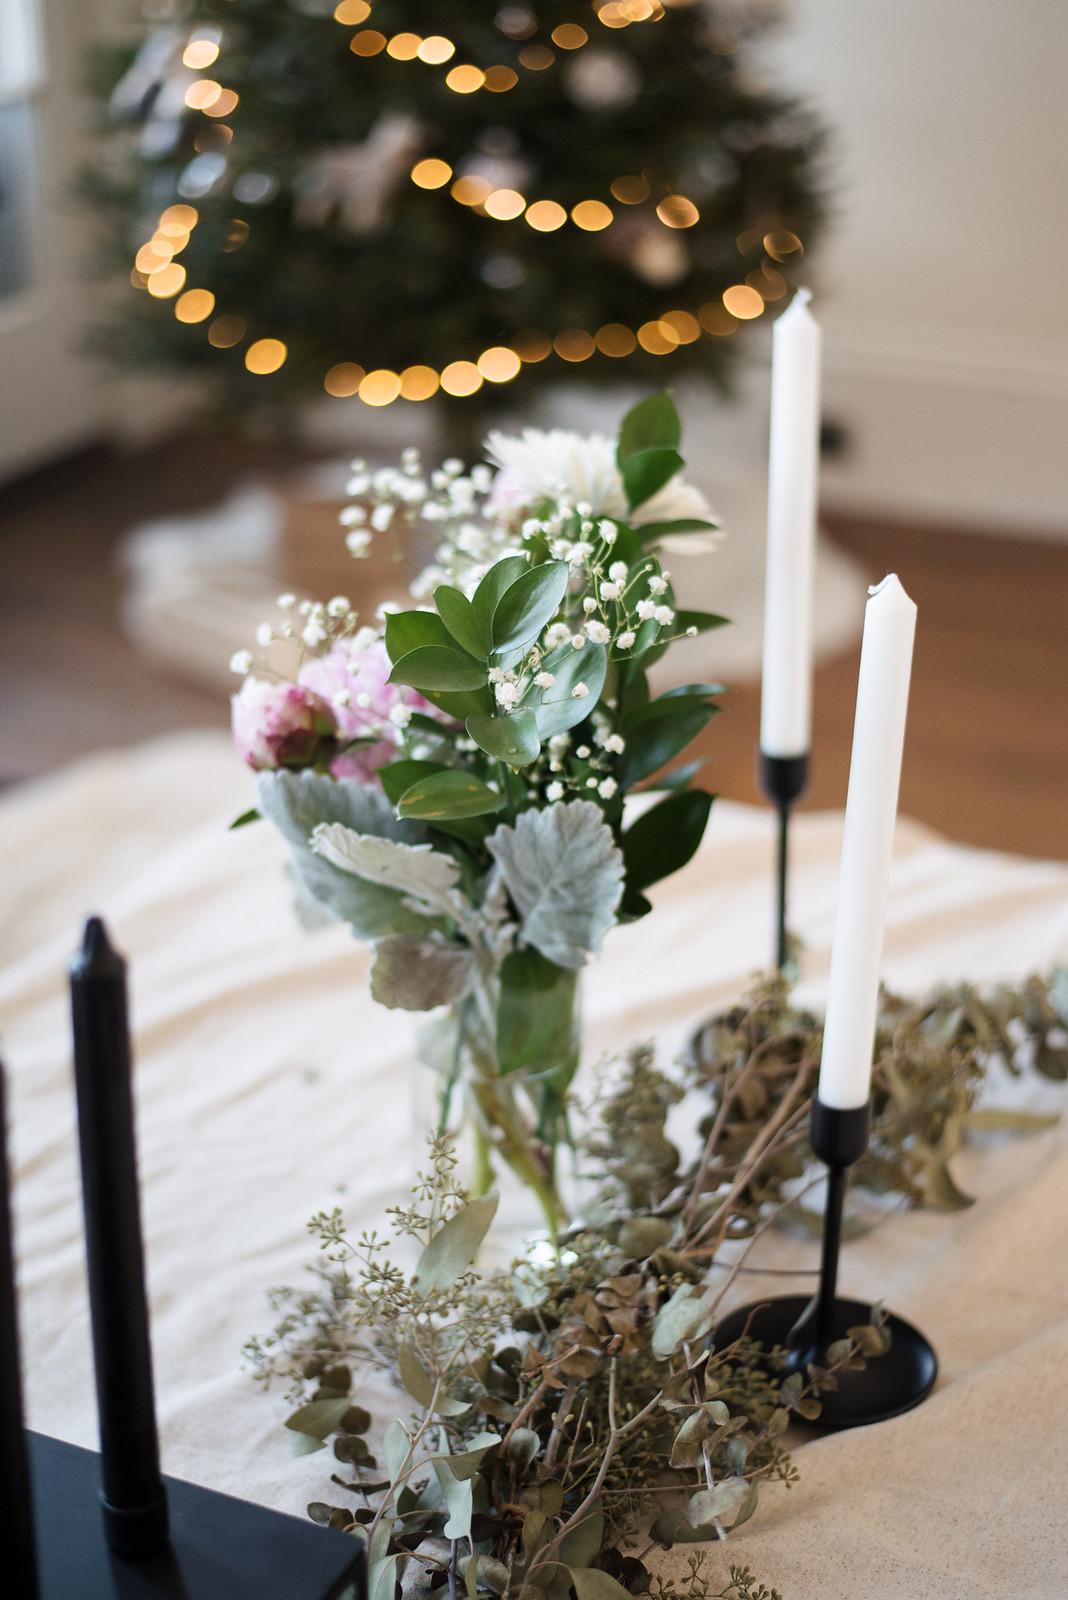 Christmas Table Settings on juliettelaura.blogspot.com